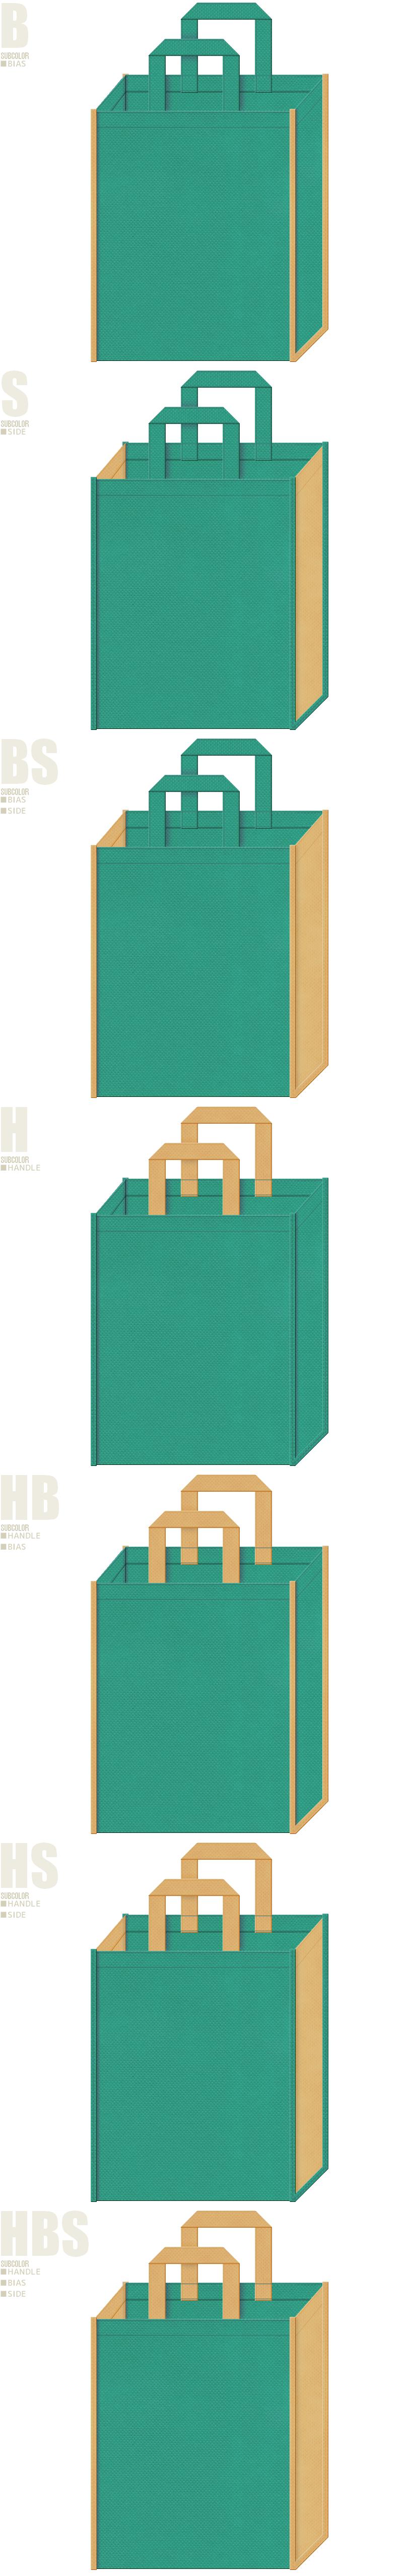 青緑色と薄黄土色、7パターンの不織布トートバッグ配色デザイン例。砂浜を連想するビーチ系イベントの不織布バッグにお奨めです。